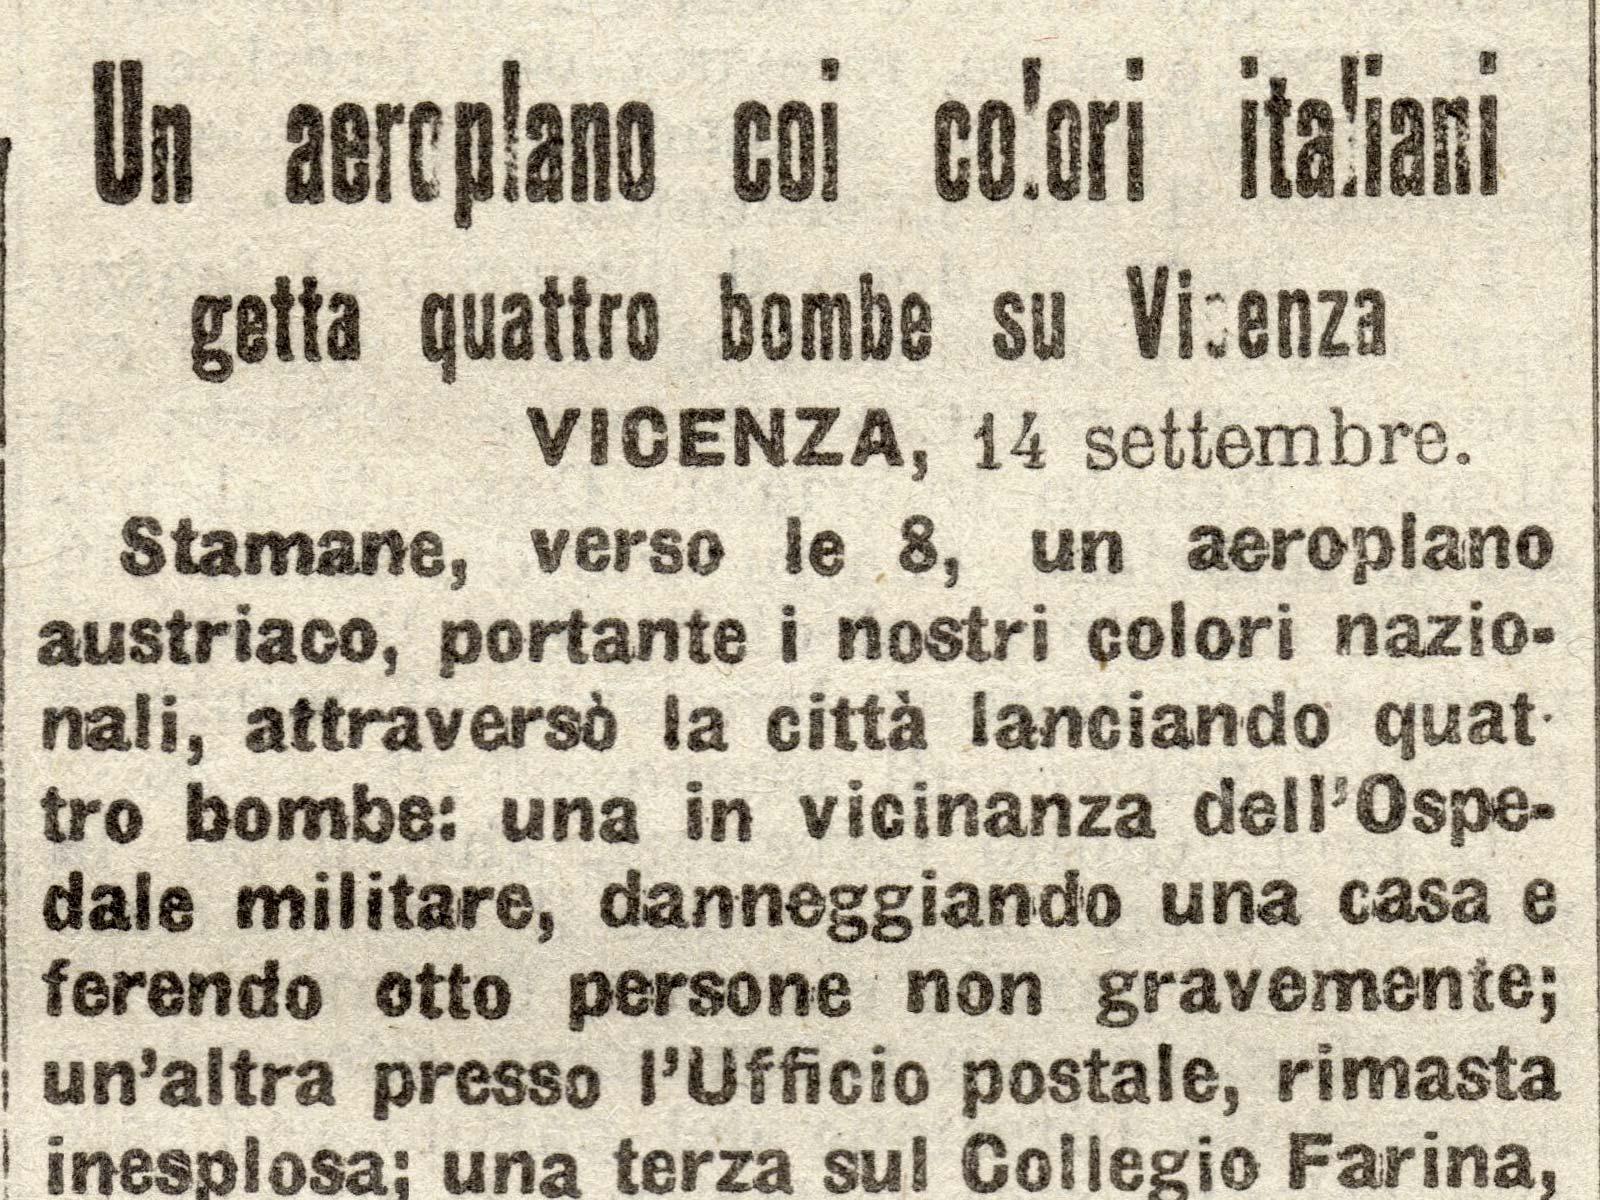 Bombardamenti aerei su Vicenza